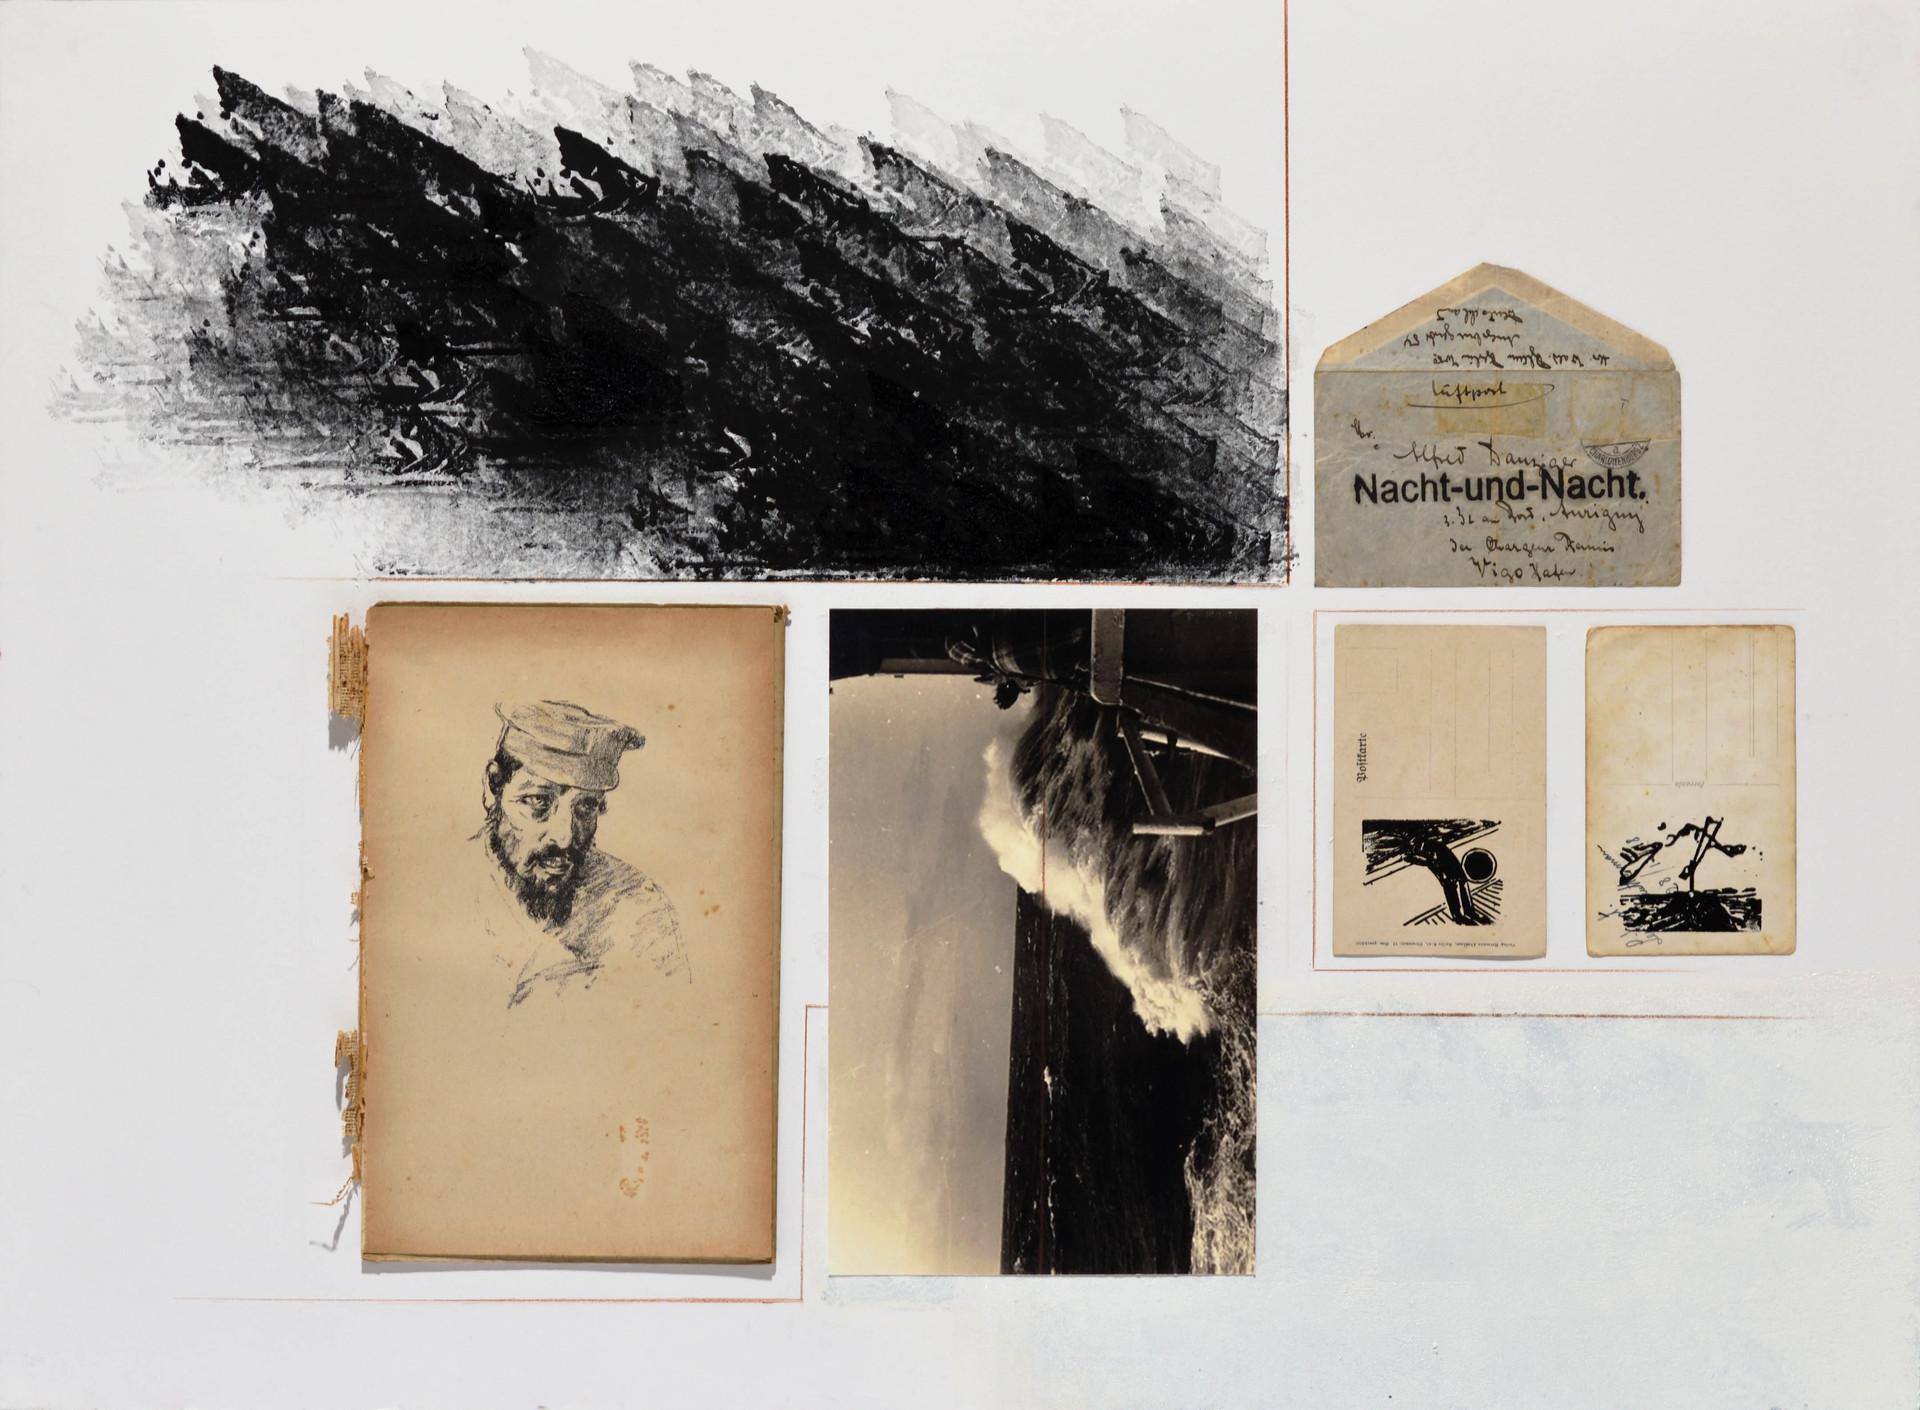 Aurigny [2018] carimbo, impressos diversos e lápis sobre cartão   rubber stamp, assorted printed matter and pencil on cardboard, 80 x 60 cm